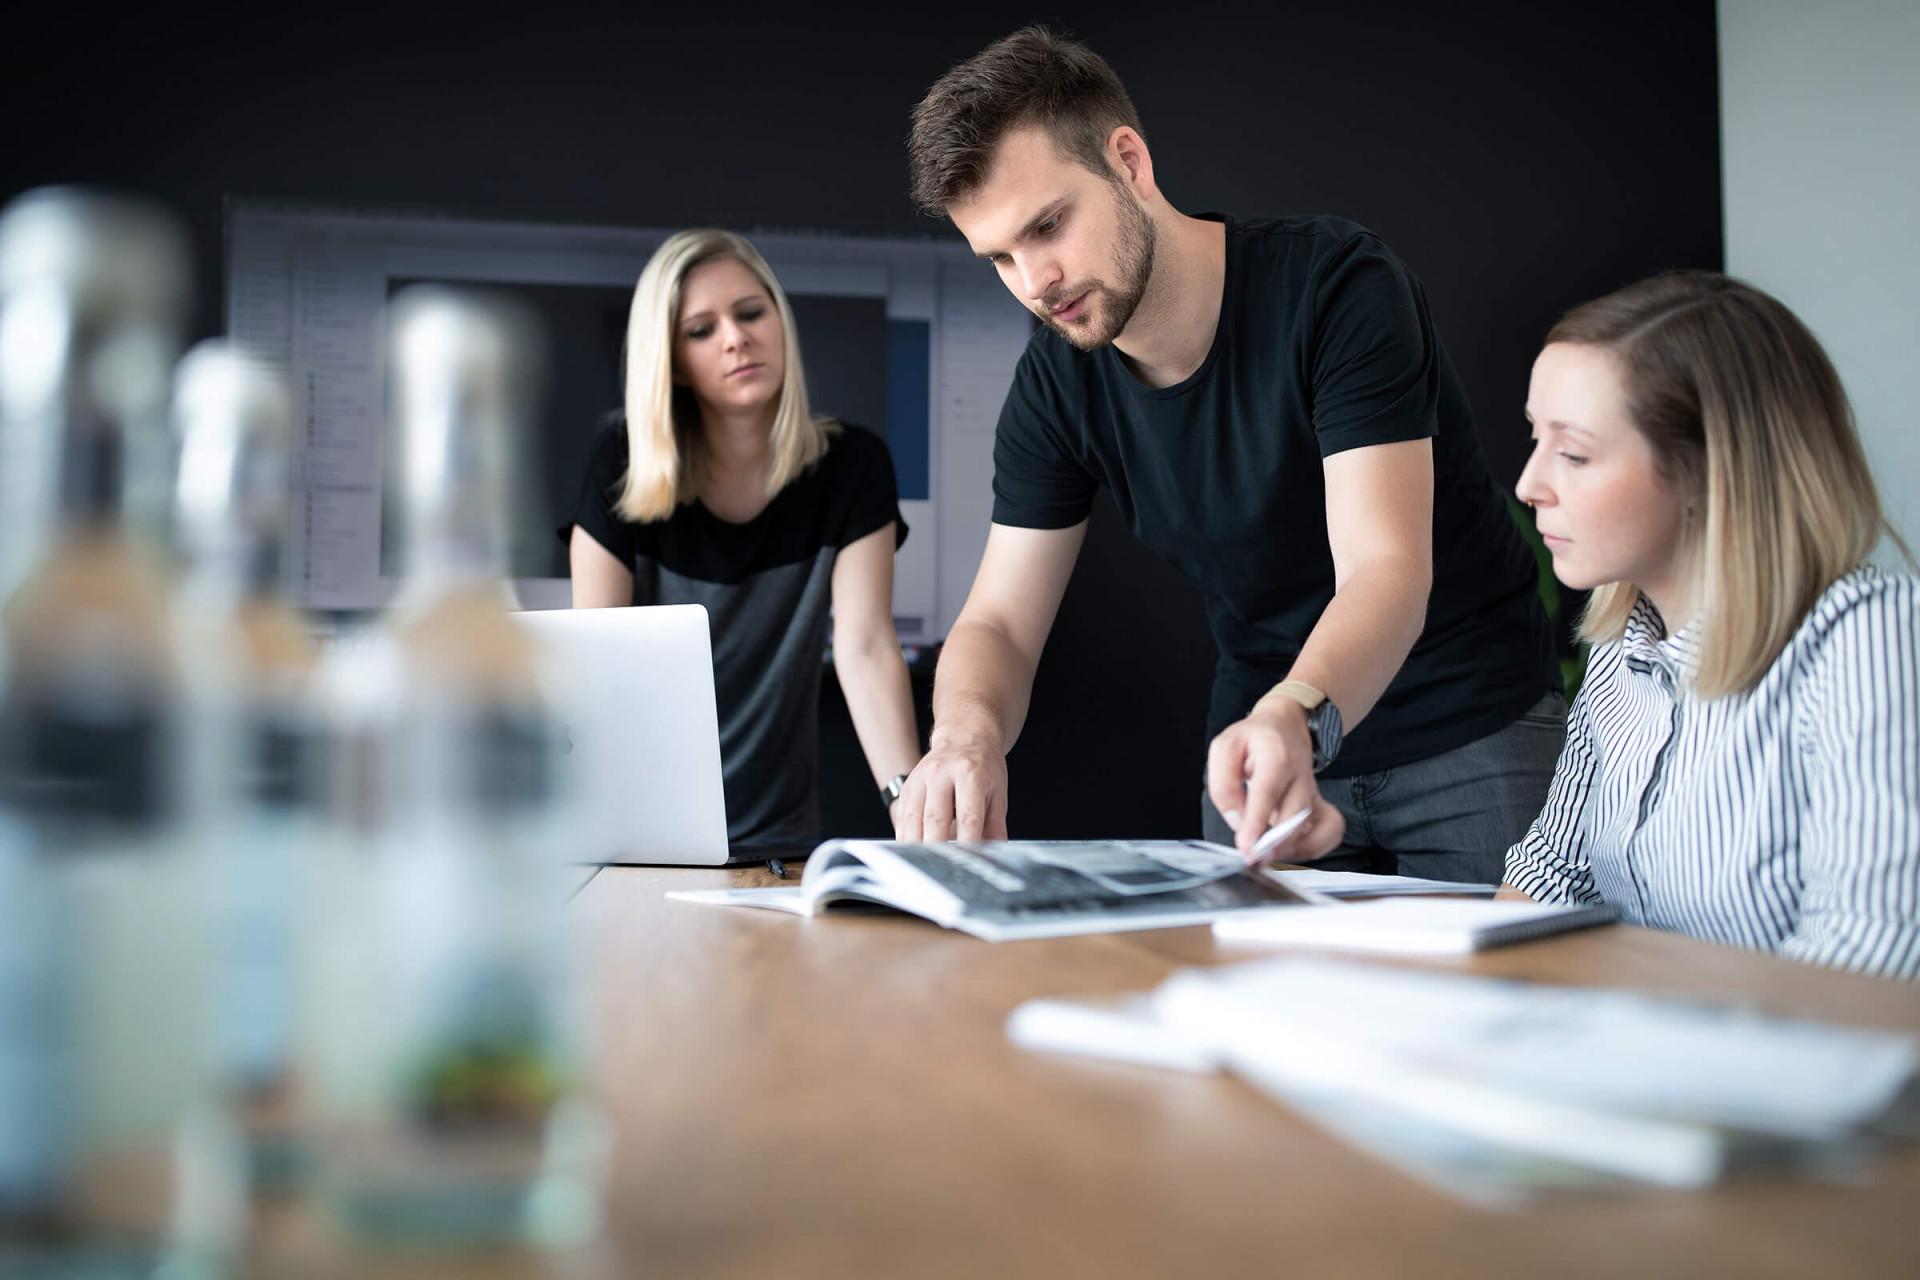 Konferenzraum - unser Team - Agentur STEILAUFWAERTS